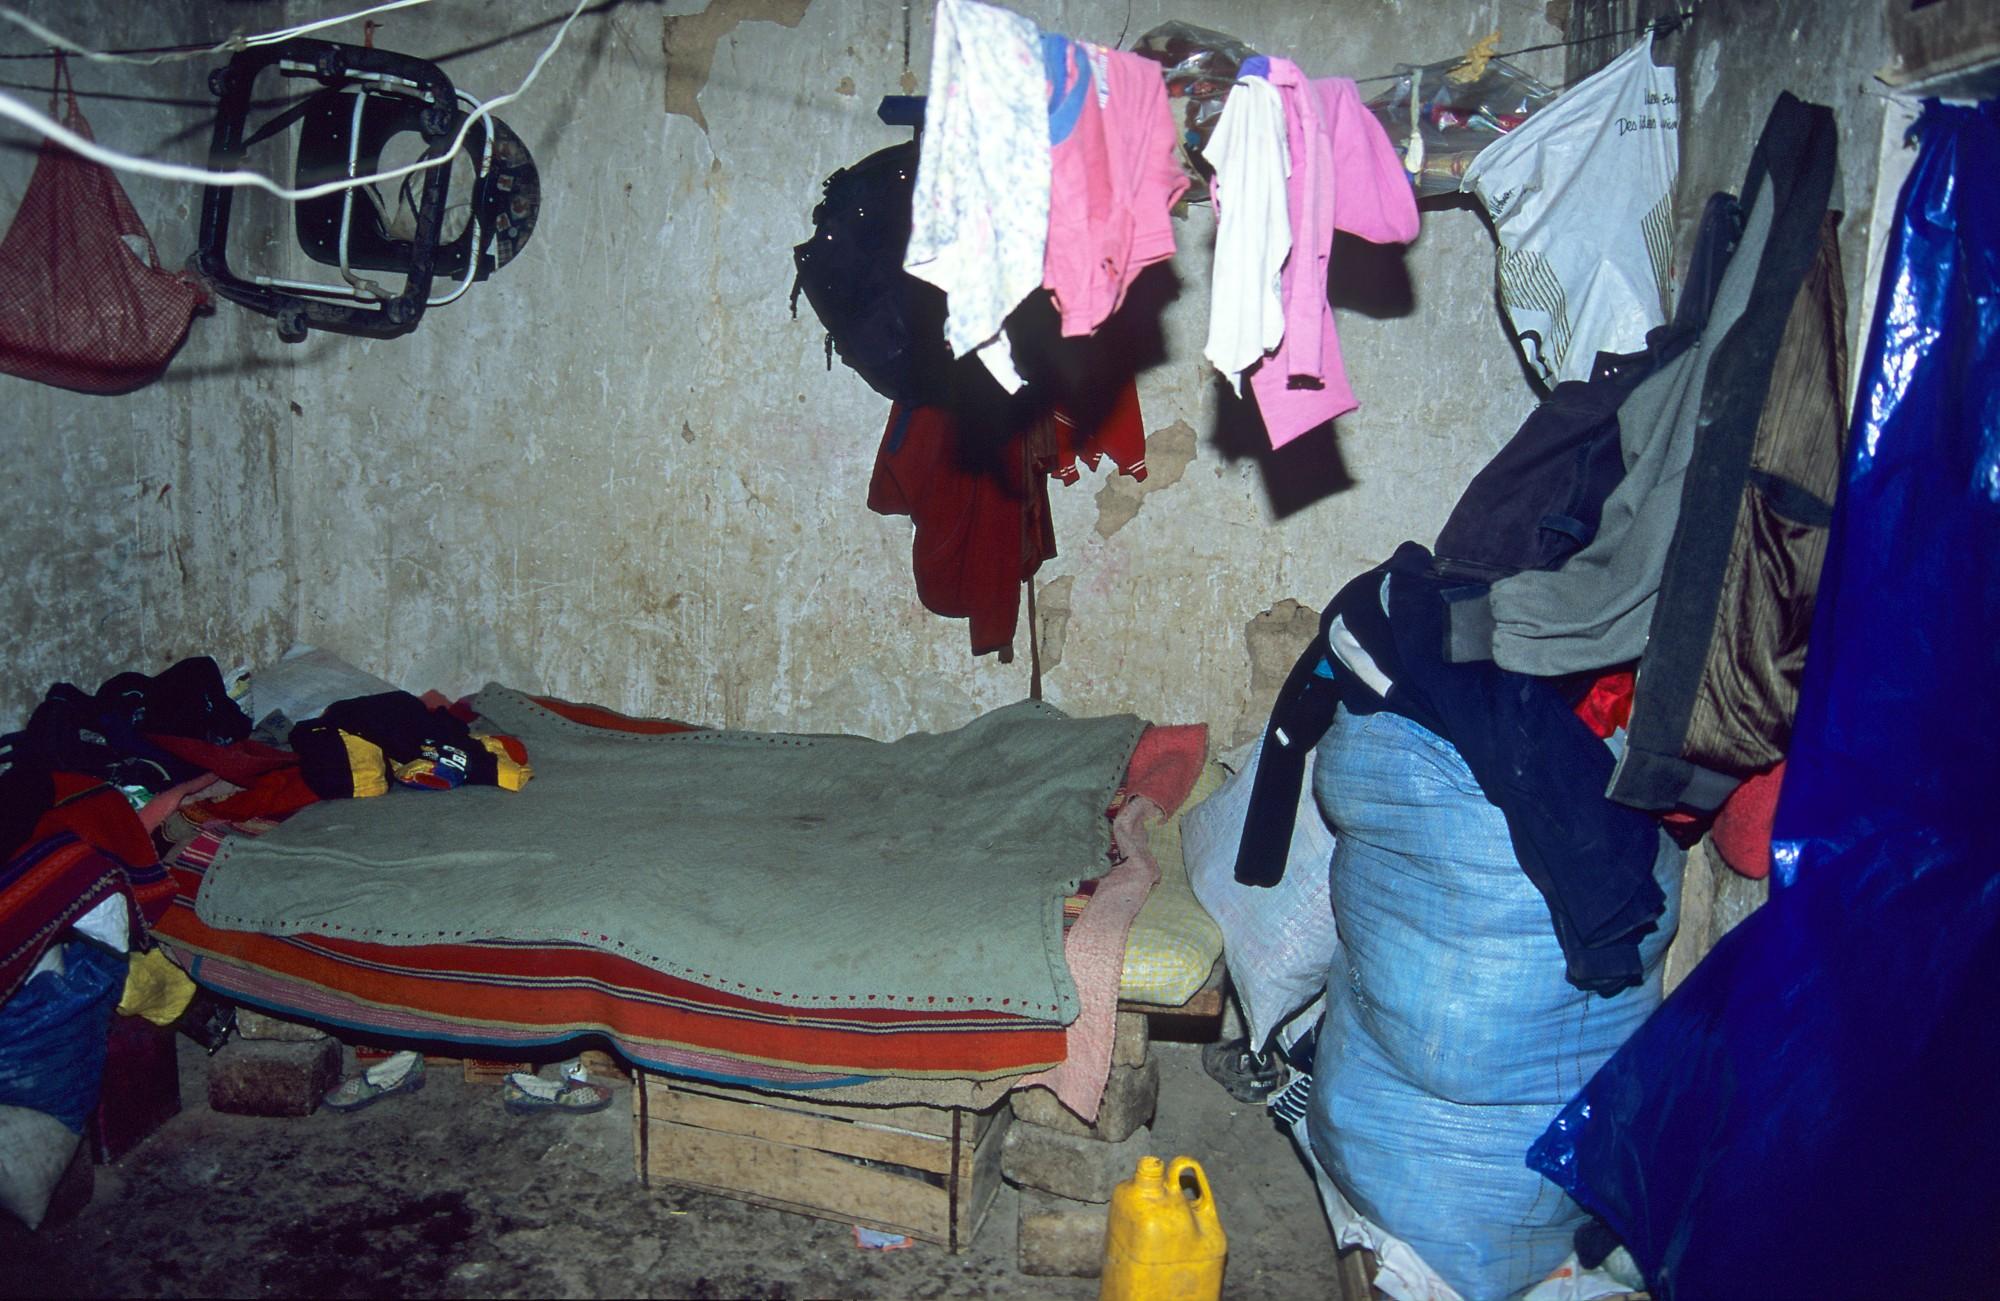 Schlafzimmer Luxor 1 öko Test Bettdecken Kinder Altrosa Bettwäsche